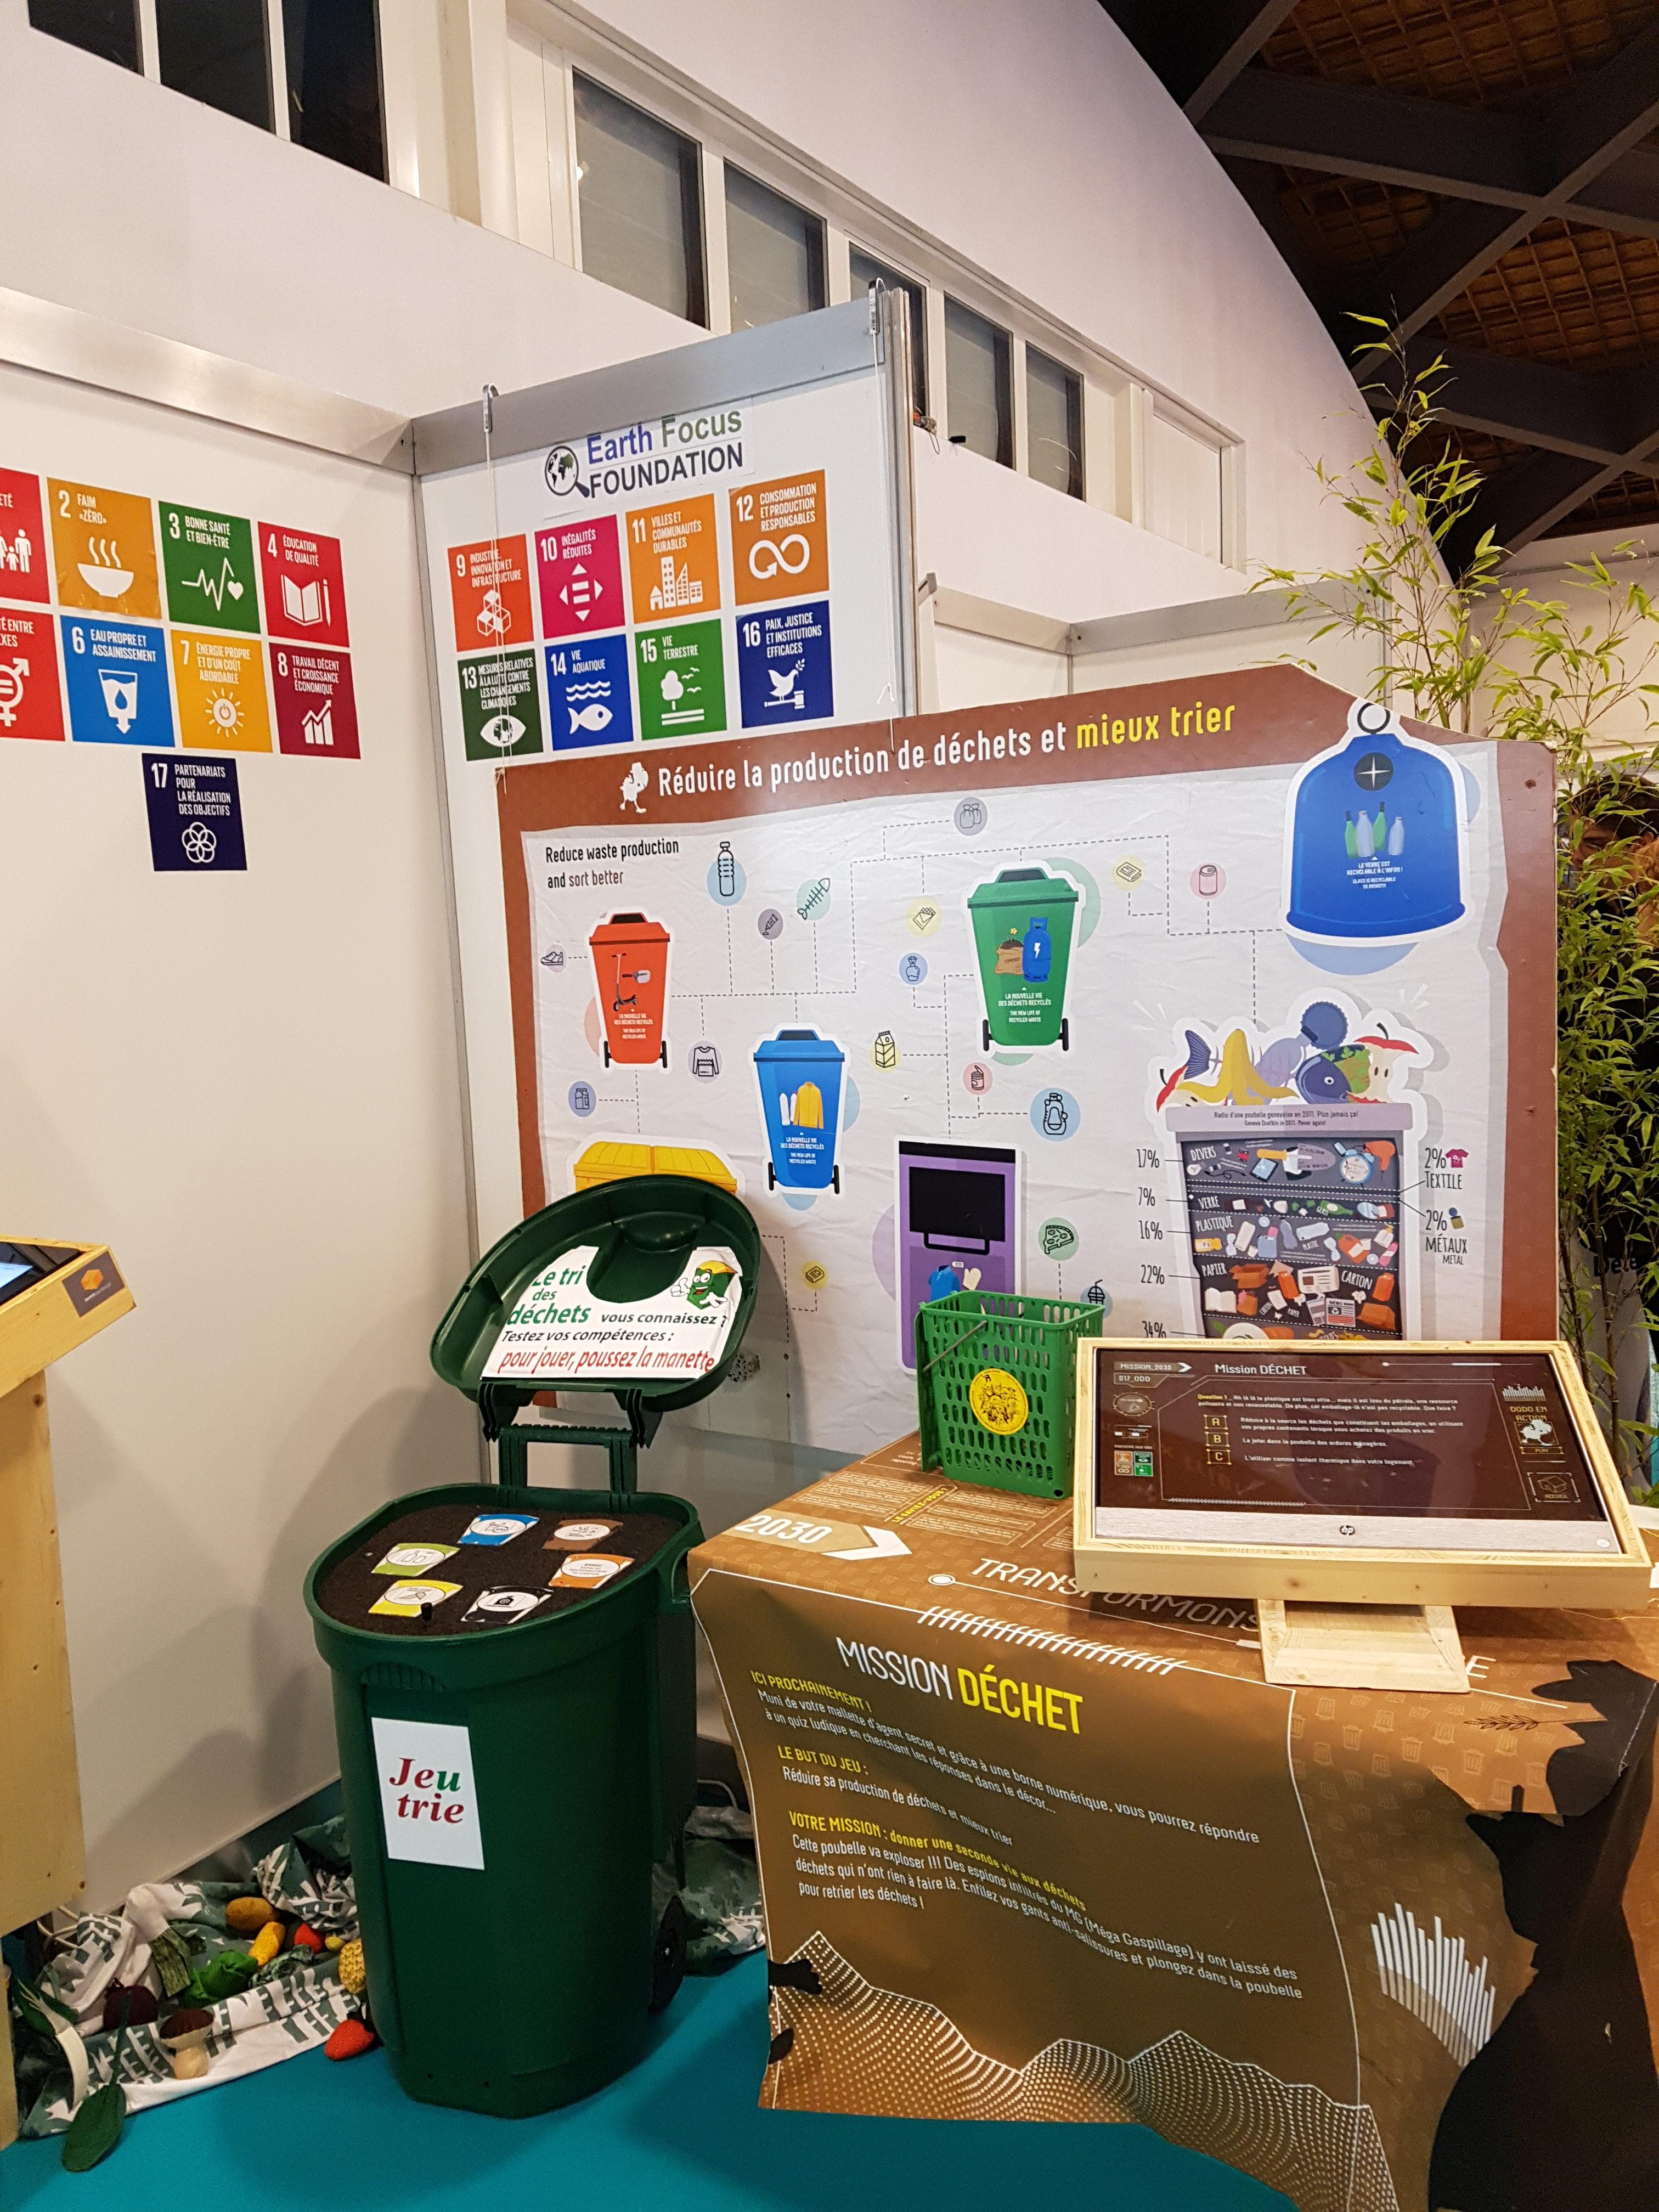 2019 02 13 Climate Show Atelier déchets